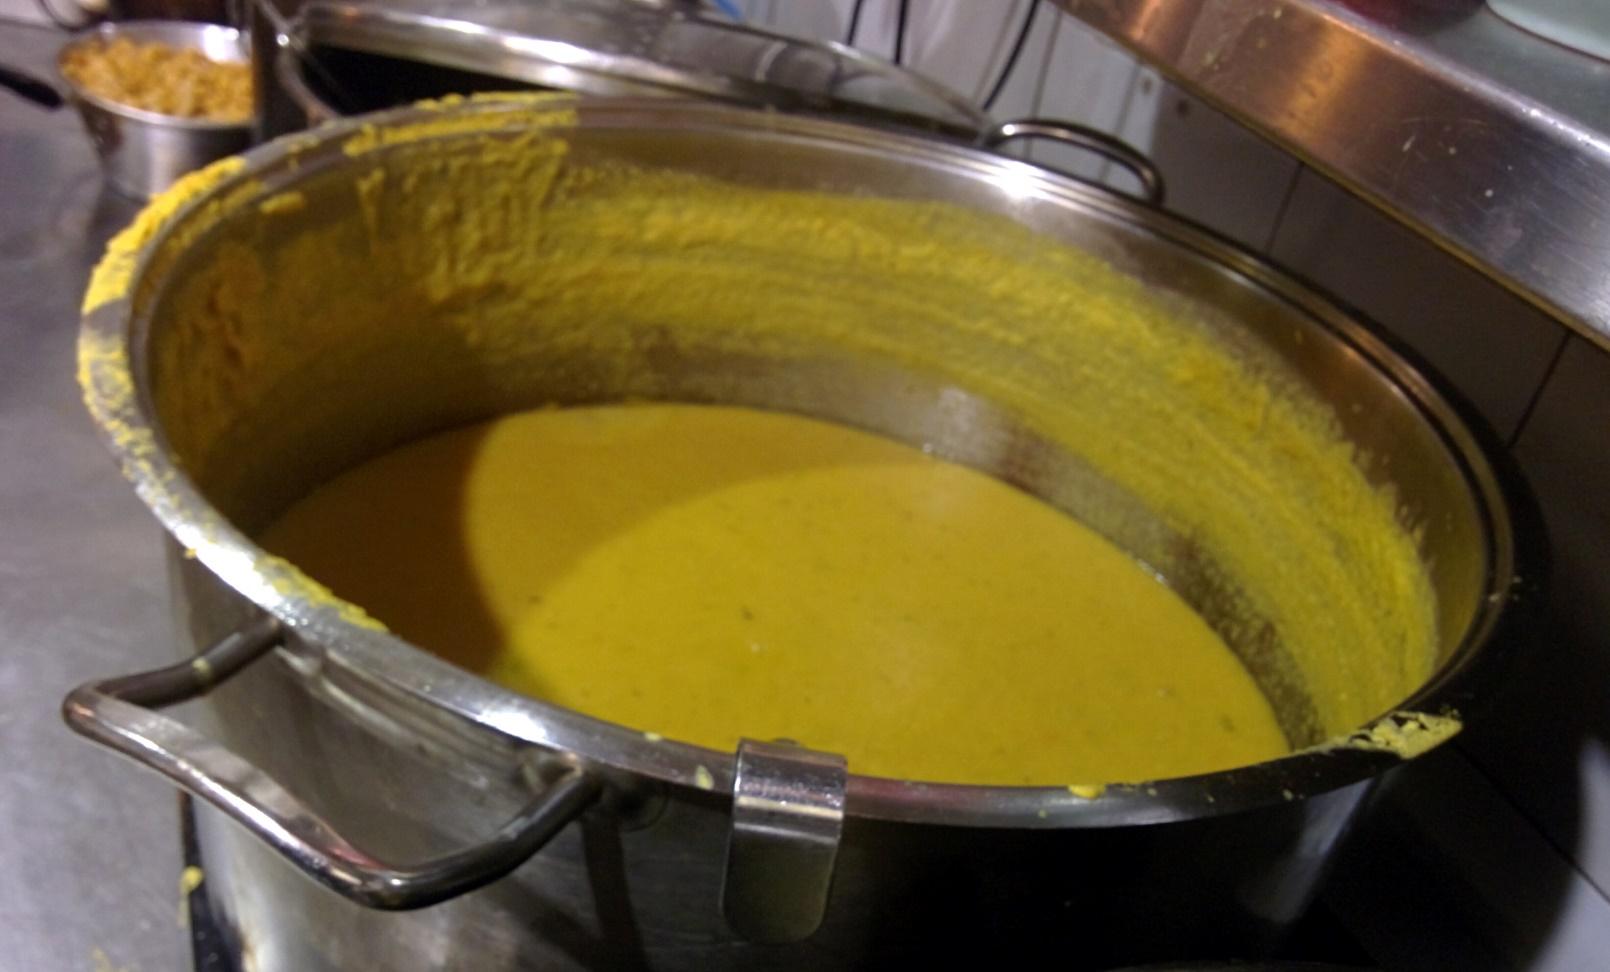 Sopa de lentejas de coco y naranja en la cocina de Hamarakia en Jerusalén. Foto cortesía de Hamarakia